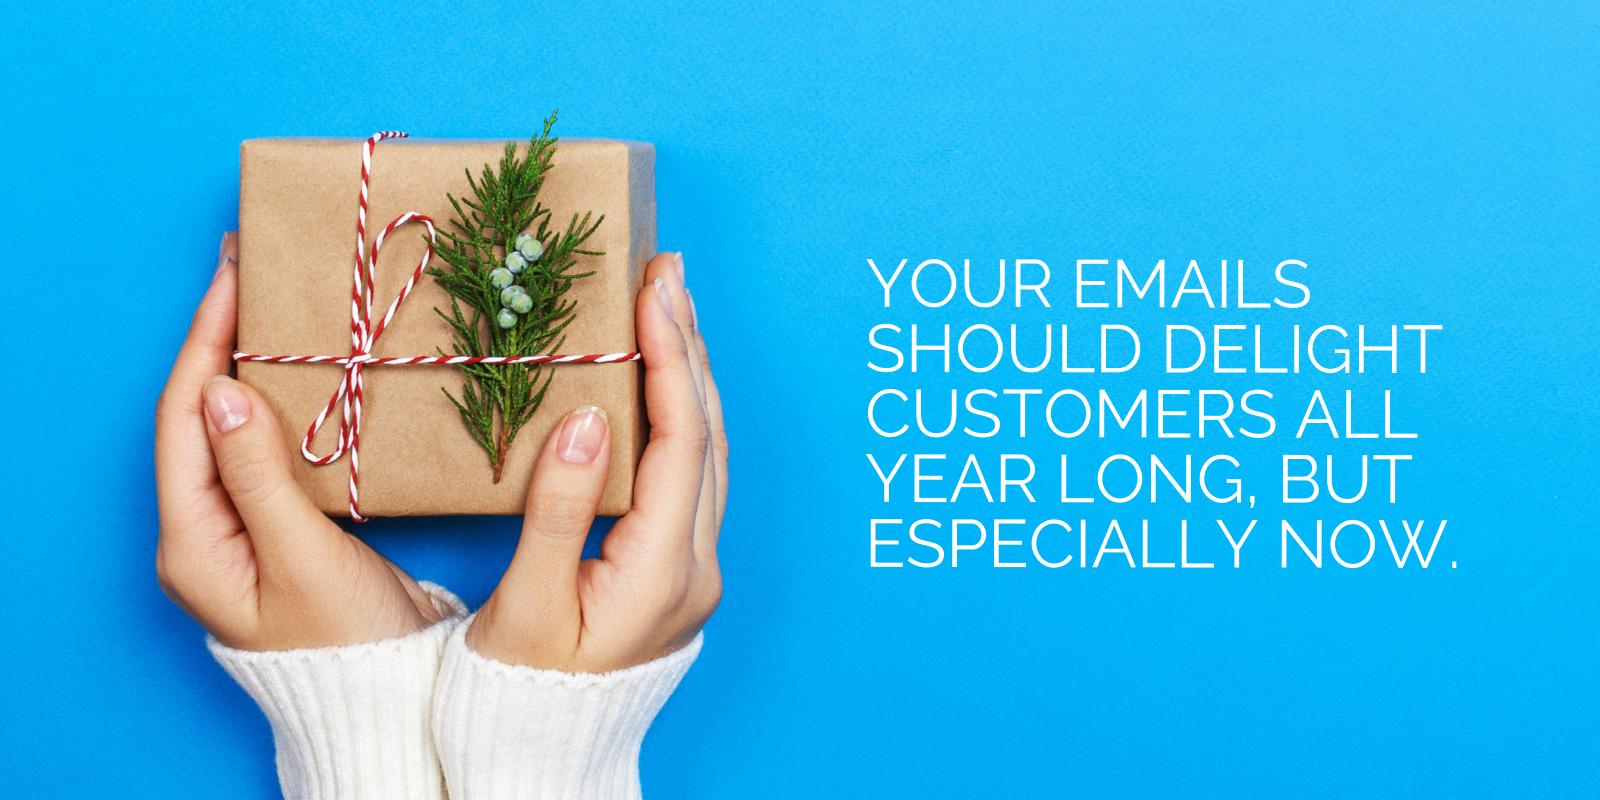 Suggerimento per la promozione delle vacanze per e-mail